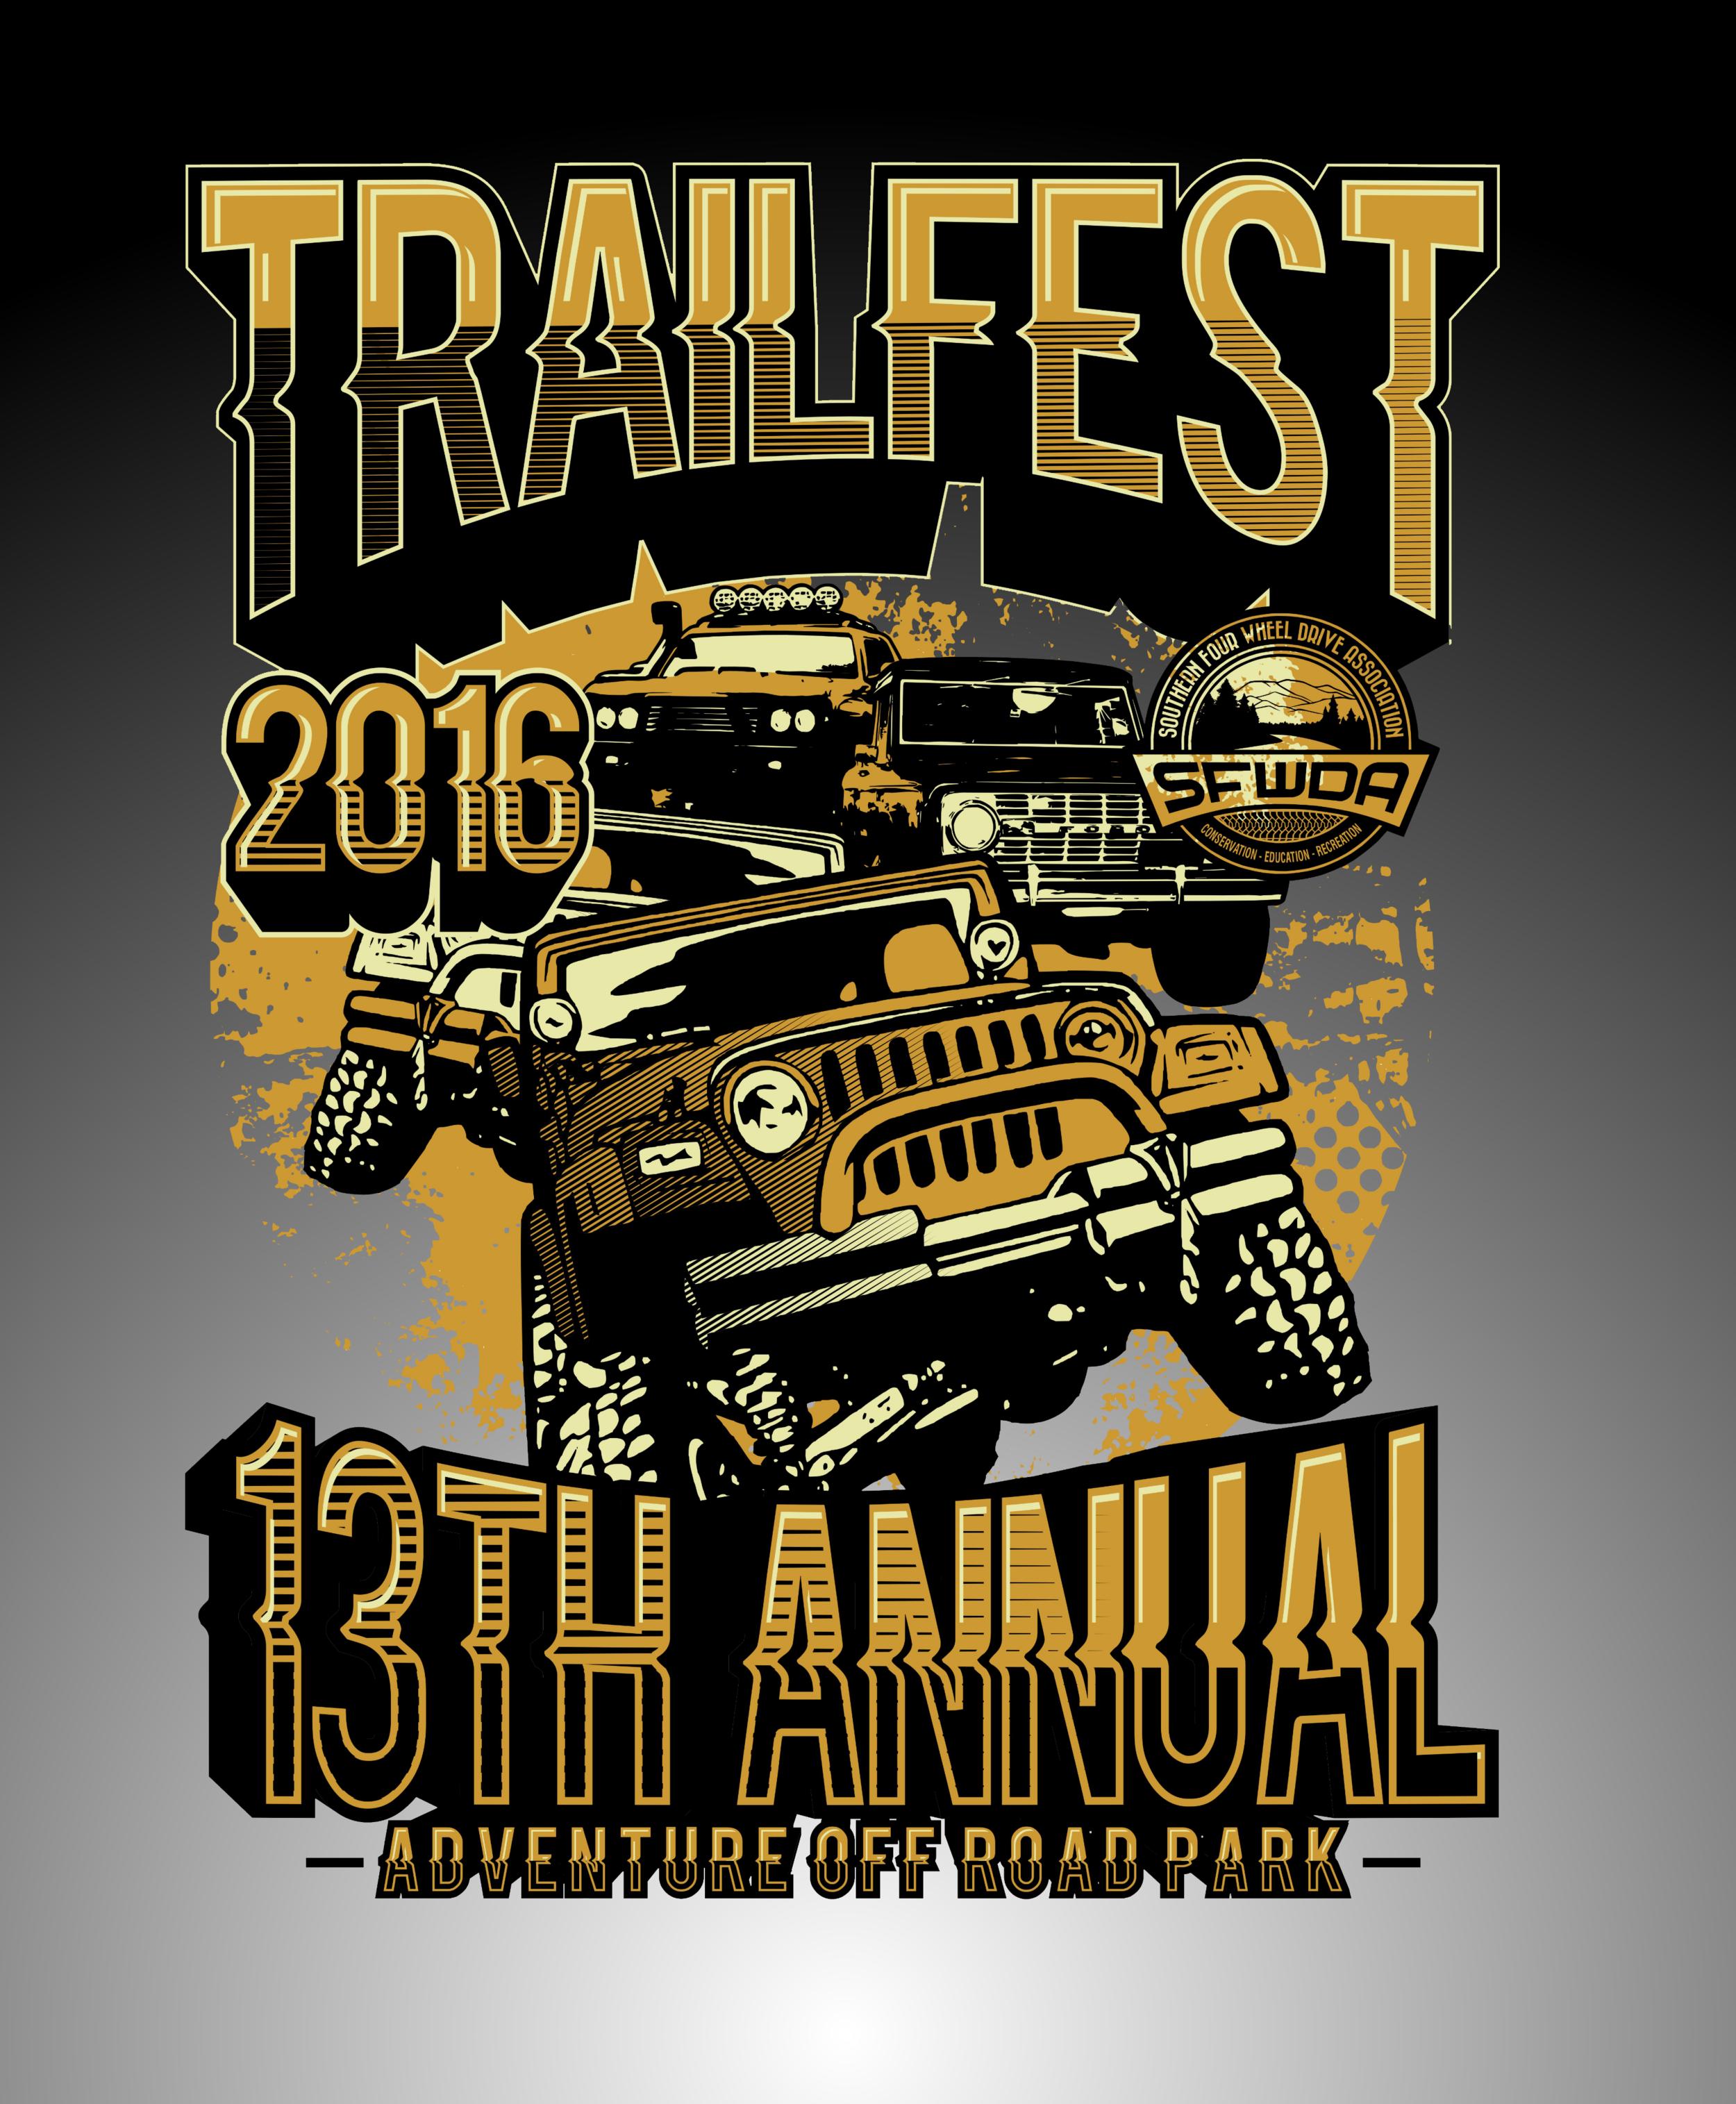 Trailfest_2016_logo